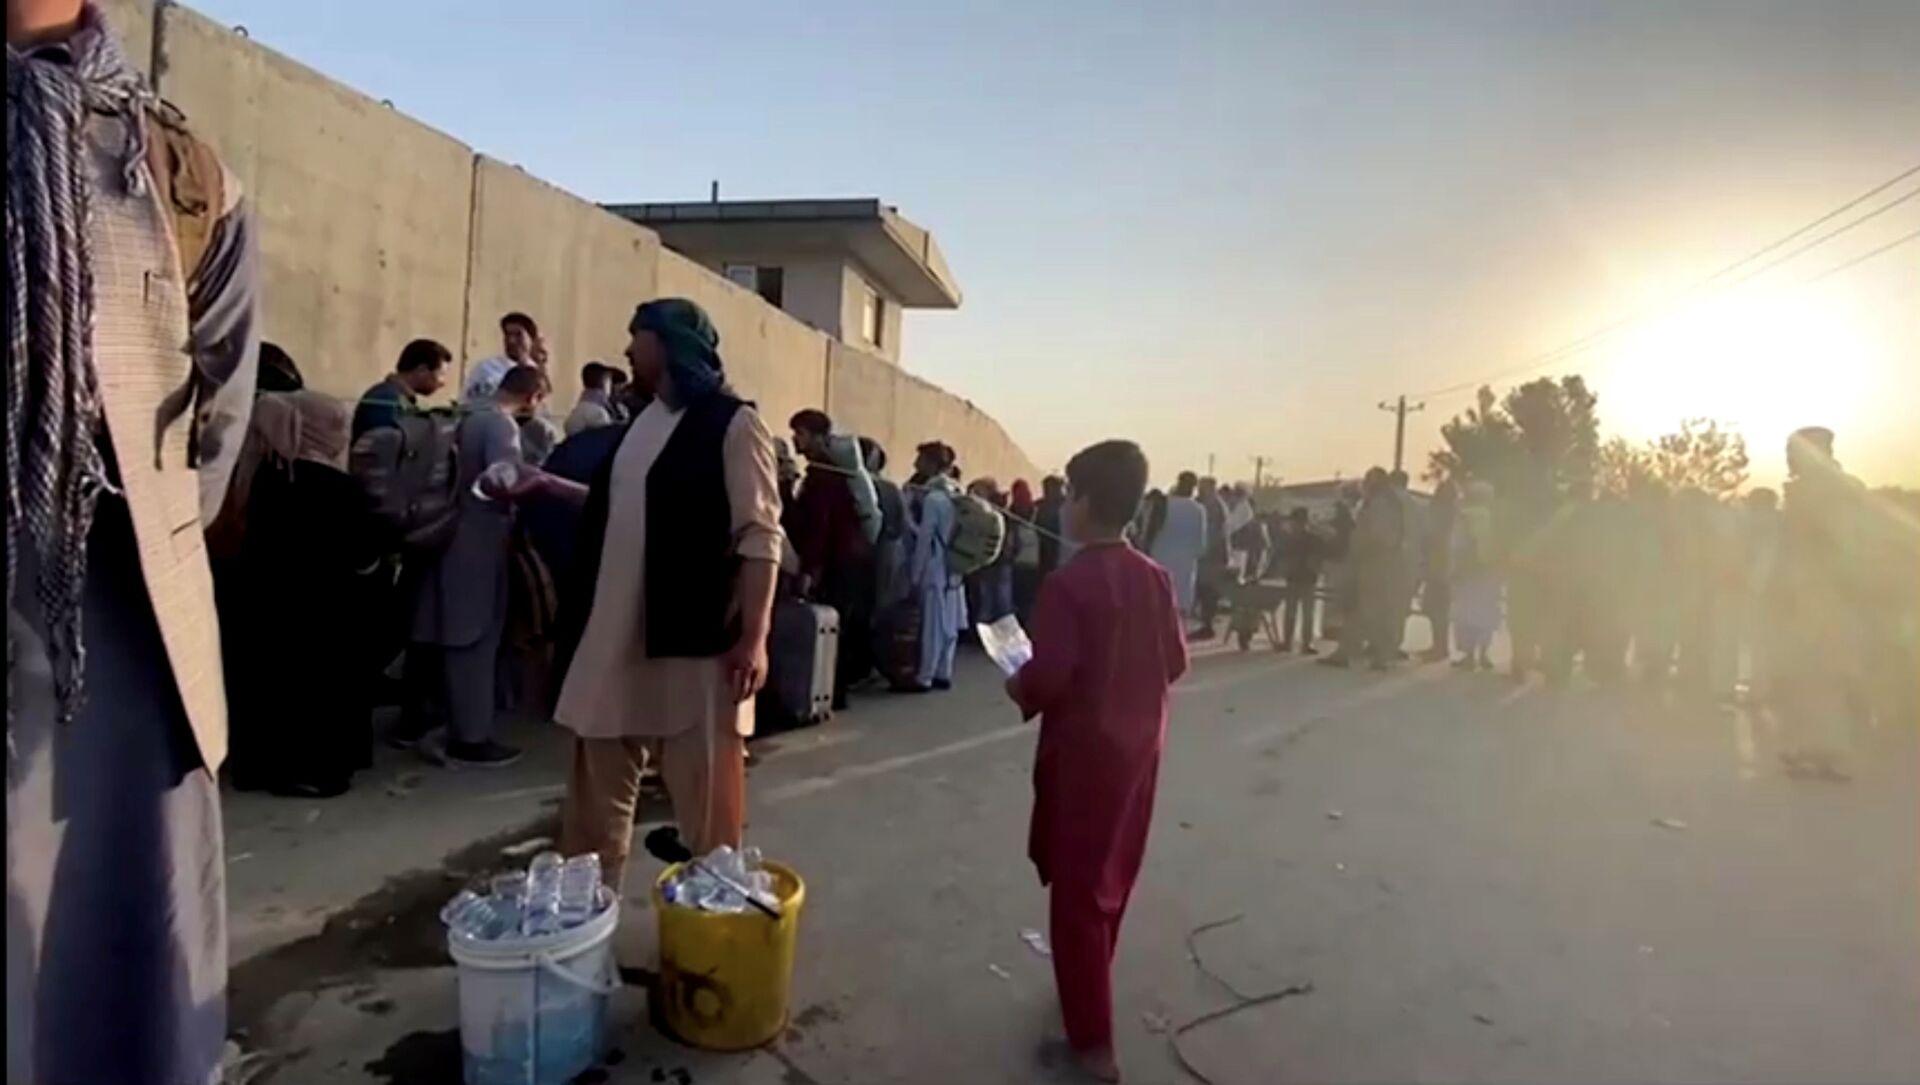 Une queue près de l'aéroport de Kaboul, le 22 août 2021 - Sputnik France, 1920, 28.08.2021